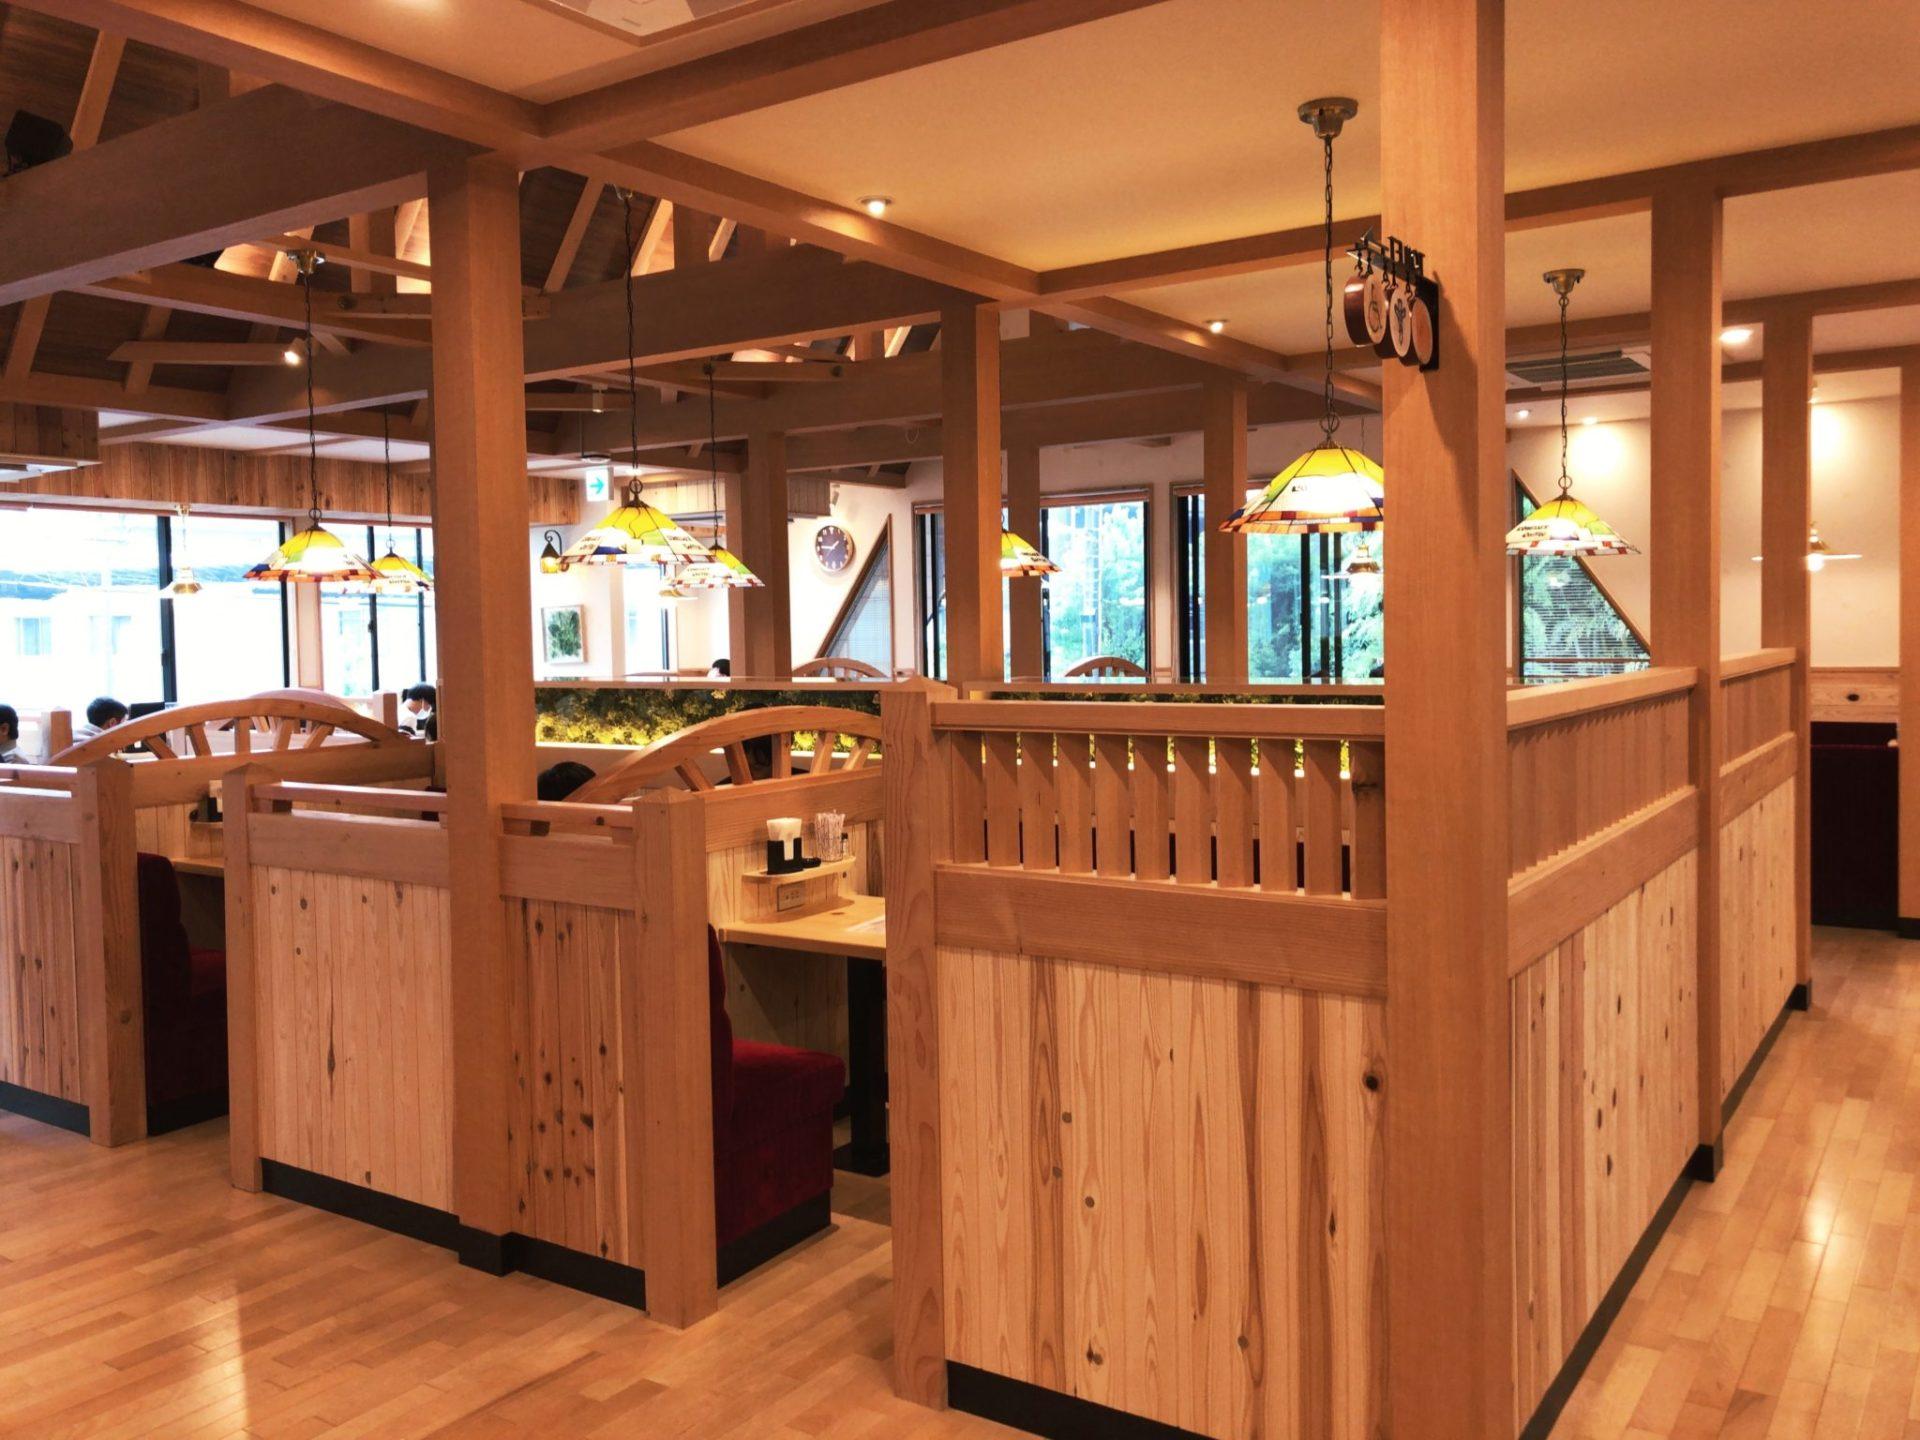 コメダ珈琲店 駒沢公園前店の店内の様子